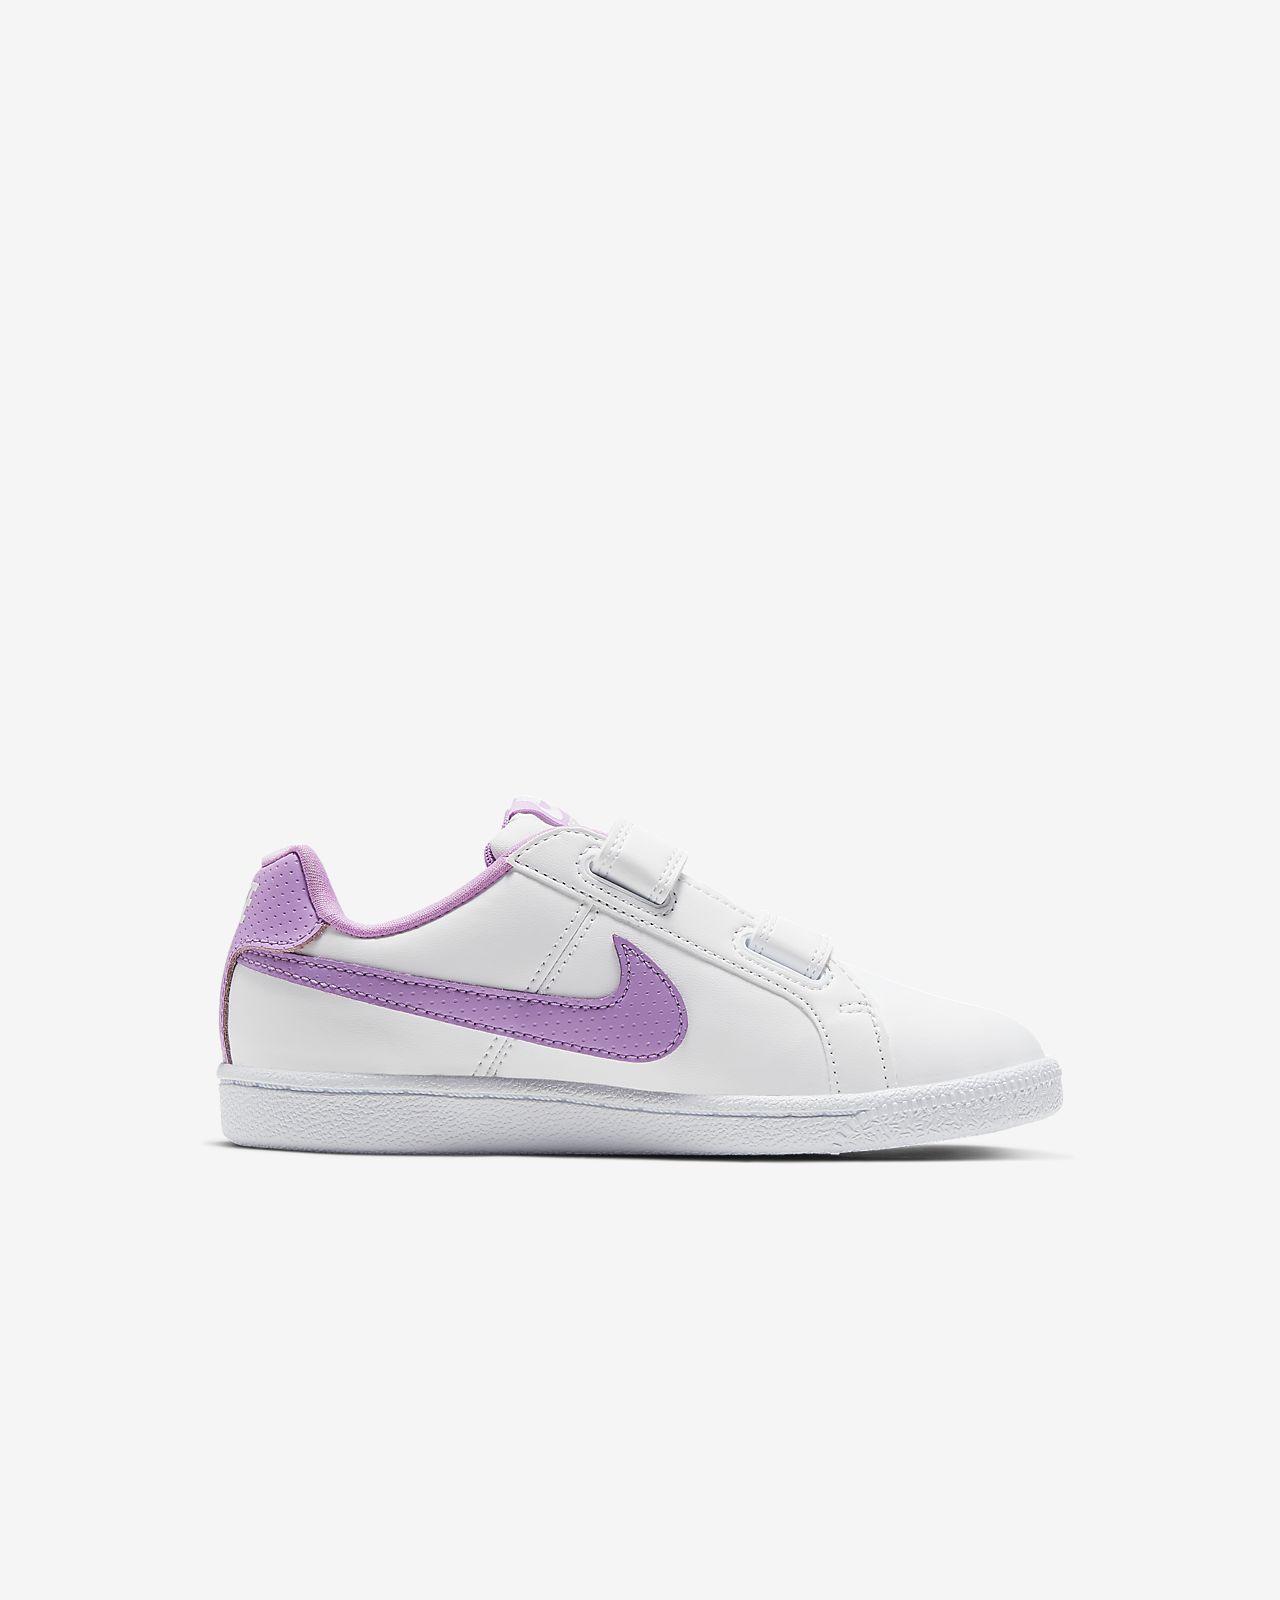 2fc6967a31506 NikeCourt Royale Younger Kids' Shoe. Nike.com ZA